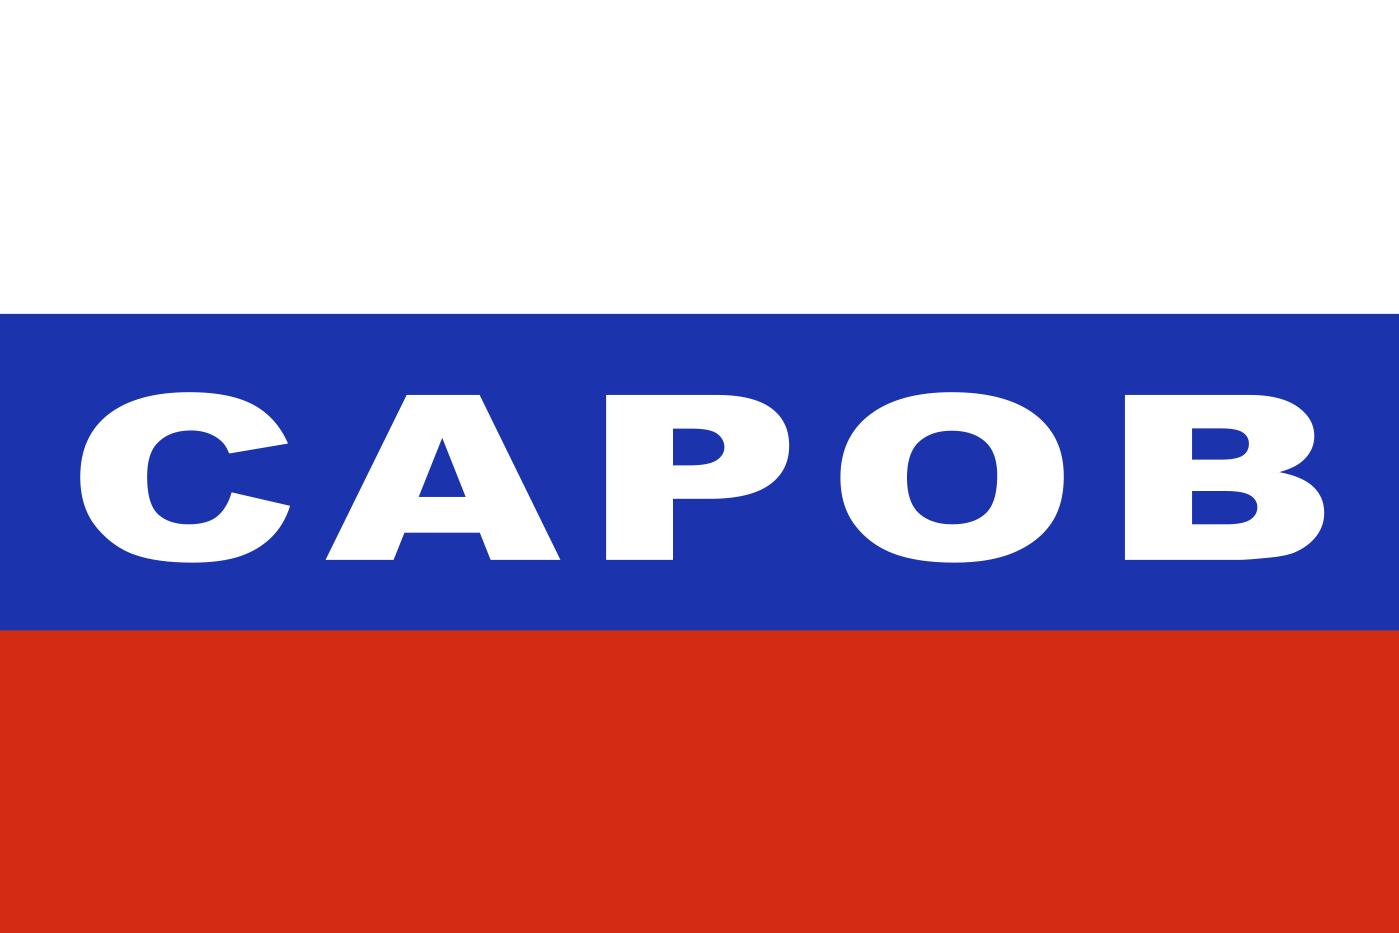 Флаг триколор Саров